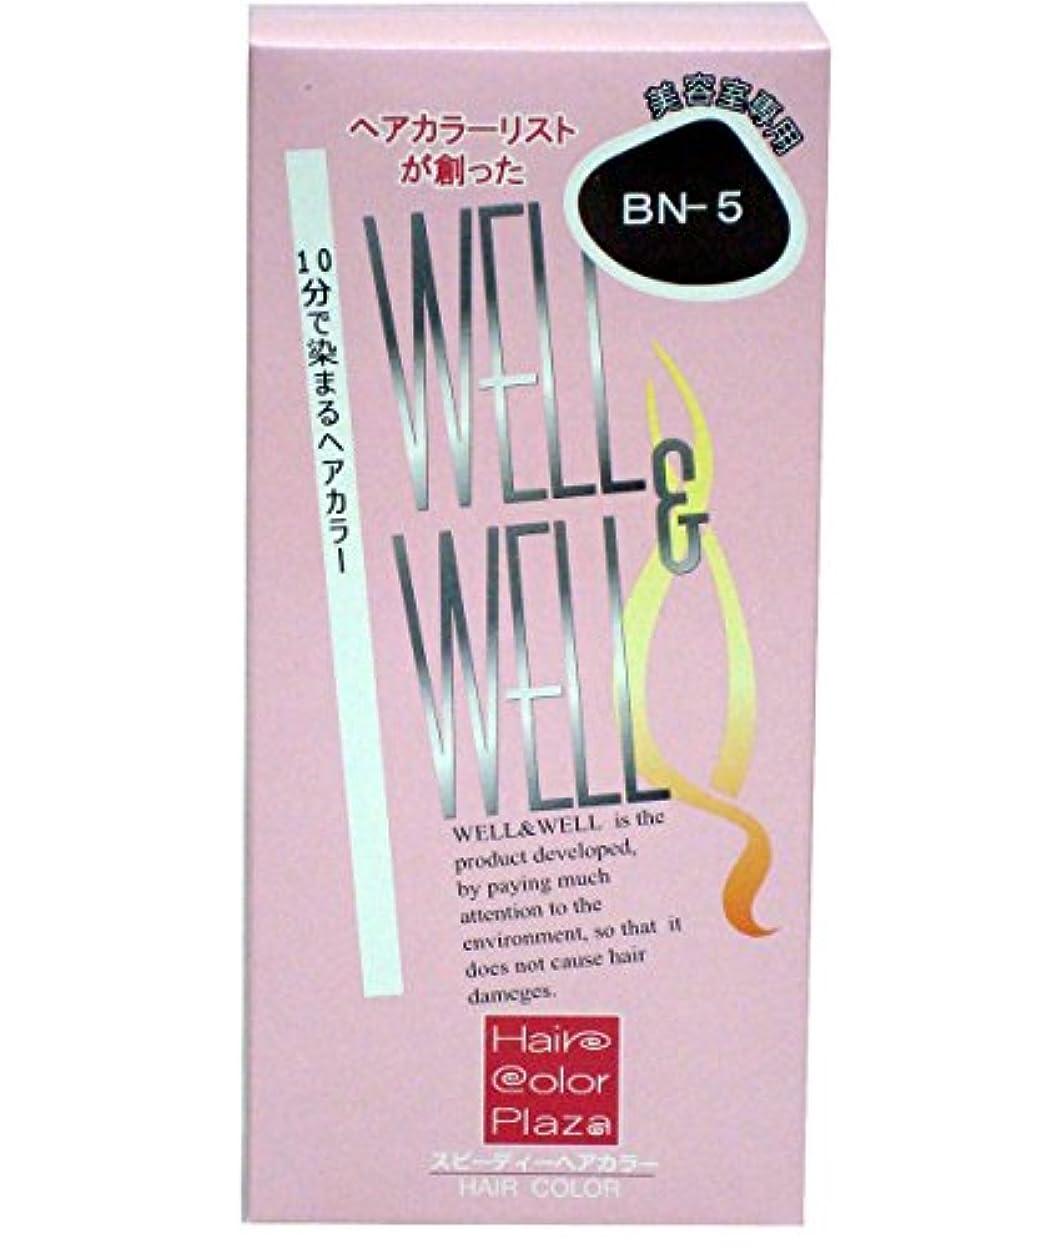 パンツソフトウェアコーン【美容室専用】 ウェル&ウェル スピーディヘアカラー ナチュラルブラウン BN-5